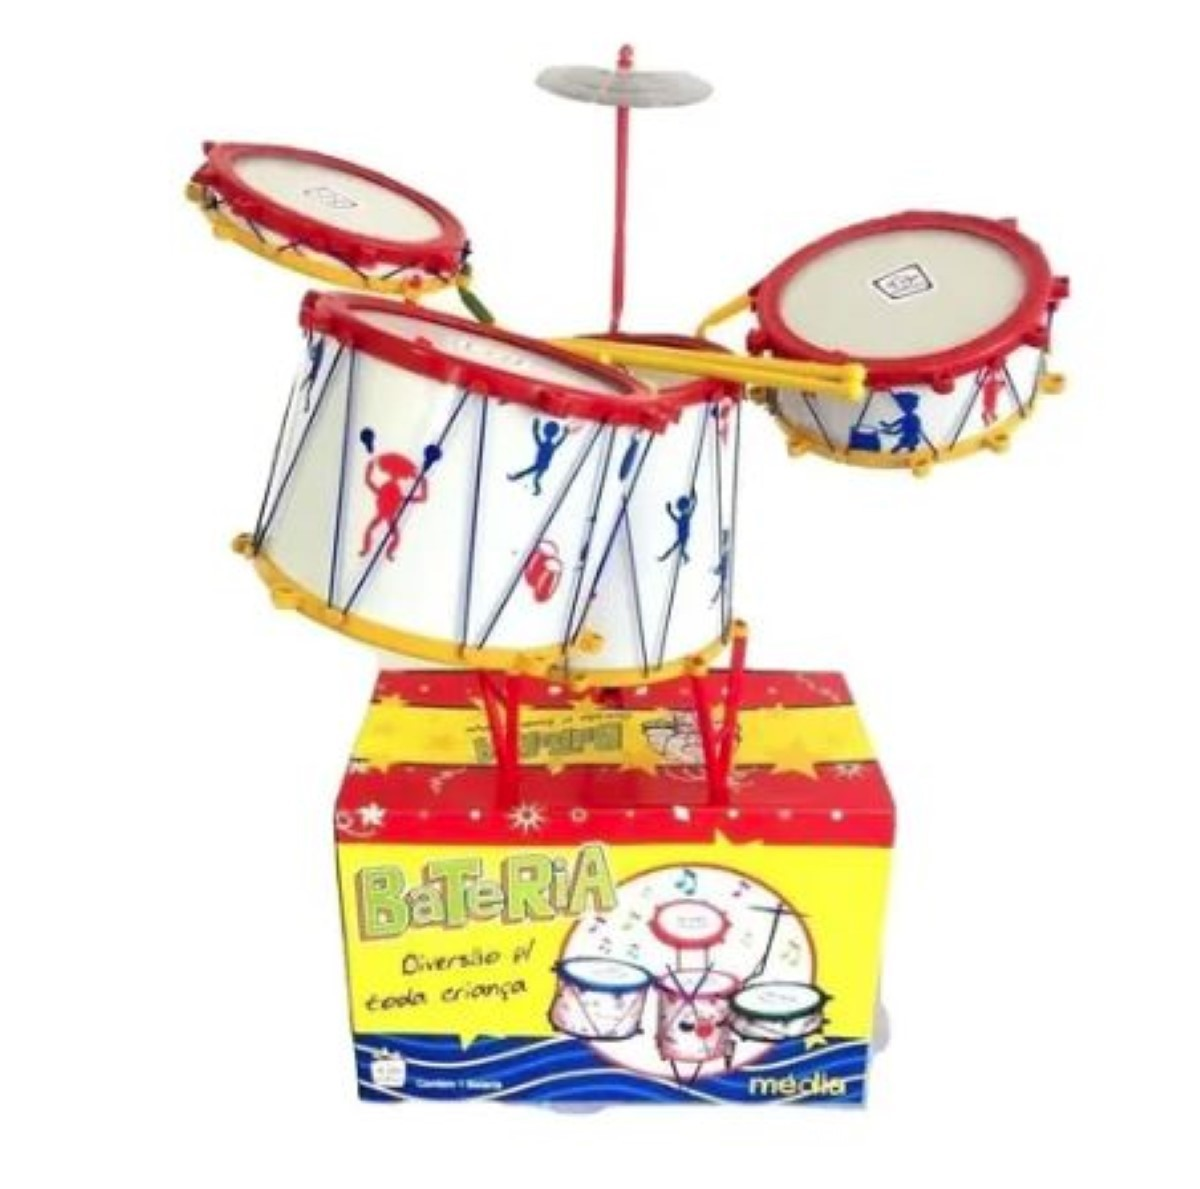 Bateria Musical Media Infantil Tabum, 4 Tambores 1 Prato